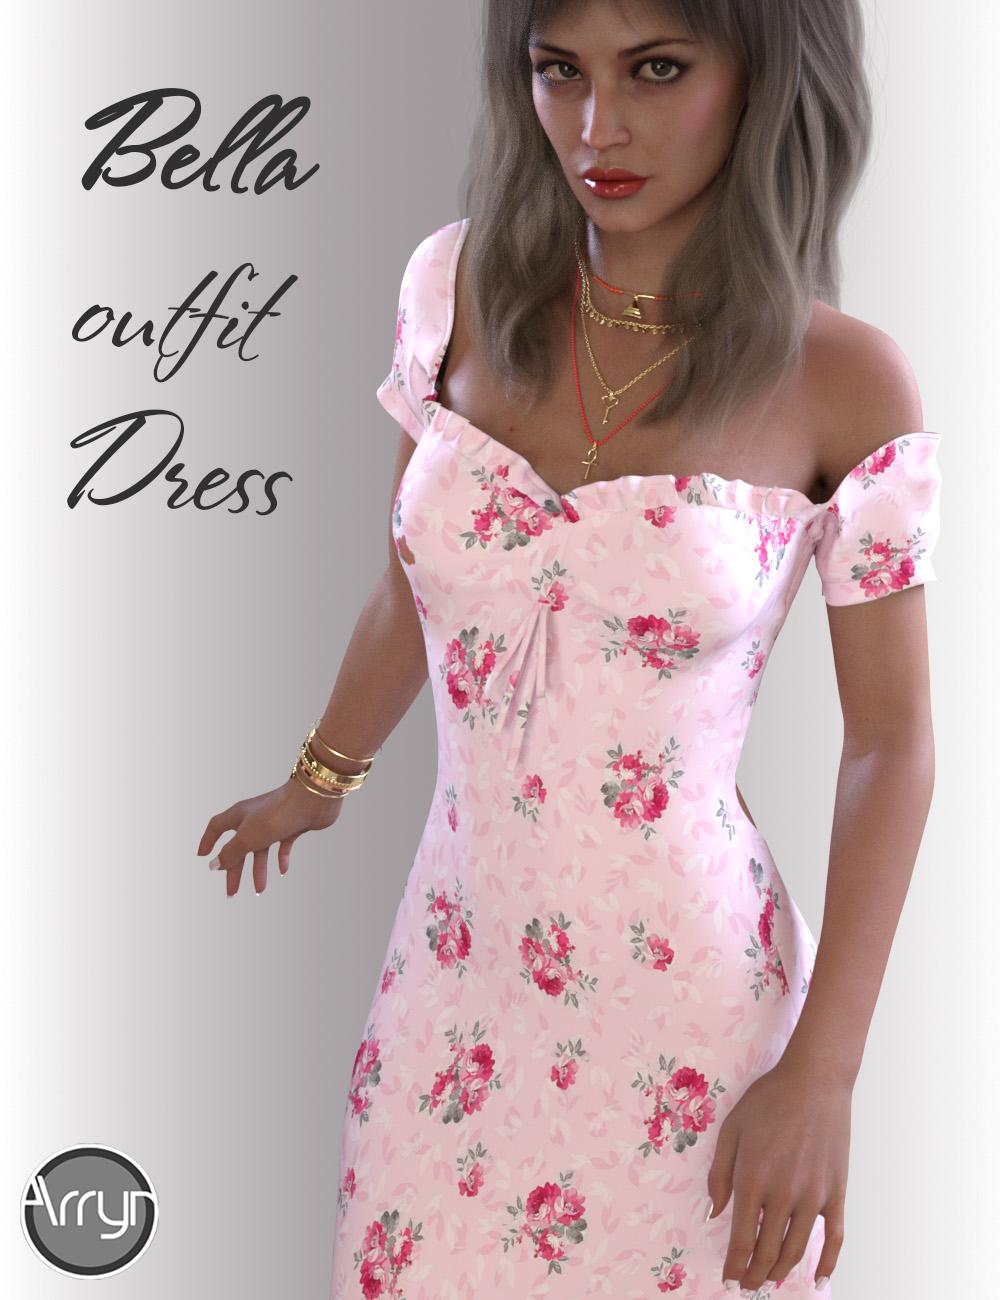 dForce Bella Dress Outfit for Genesis 8.1 Females by: OnnelArryn, 3D Models by Daz 3D